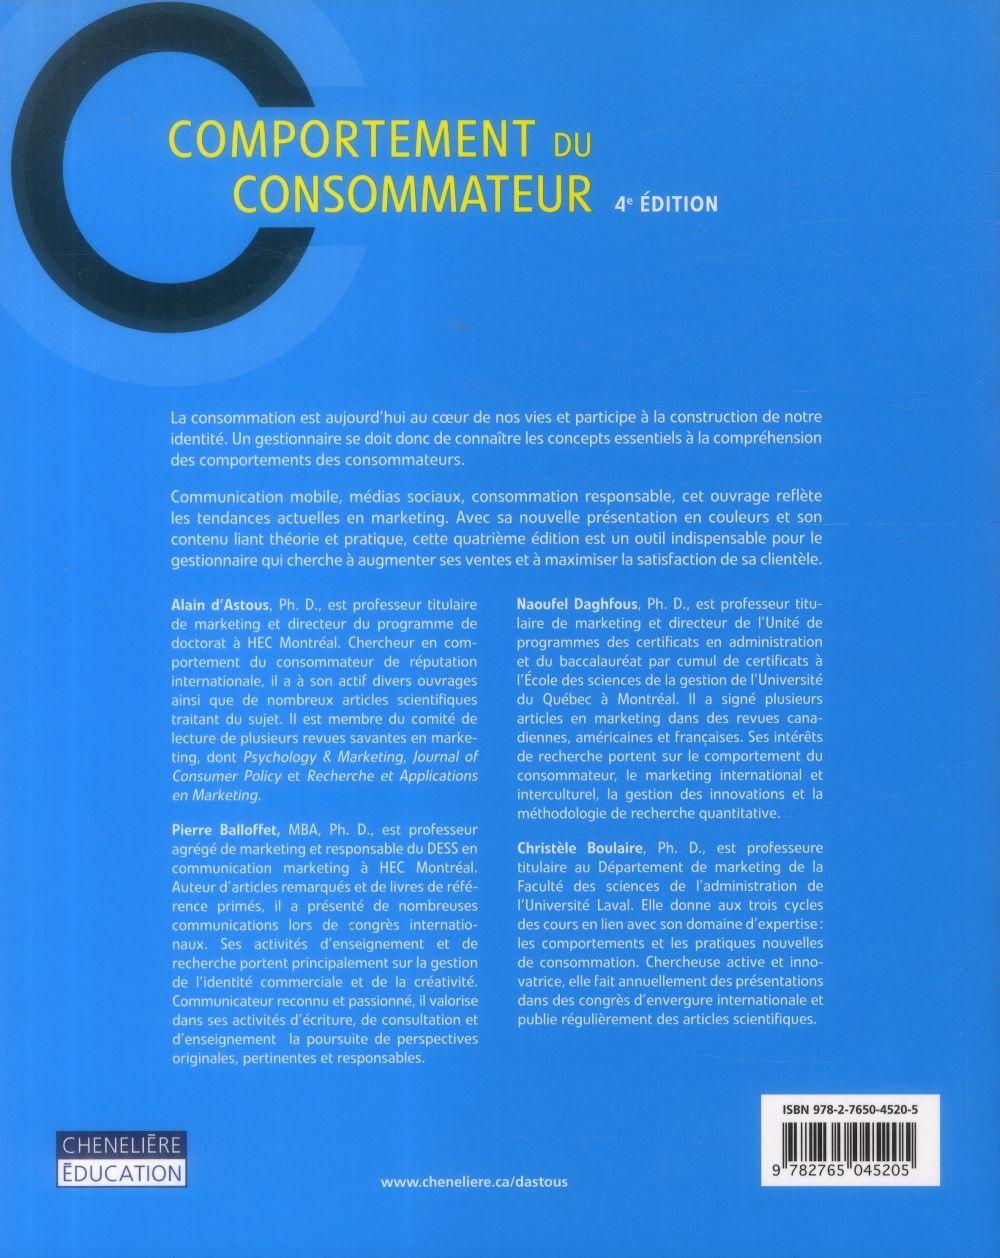 comportement du consommateur (4e édition)